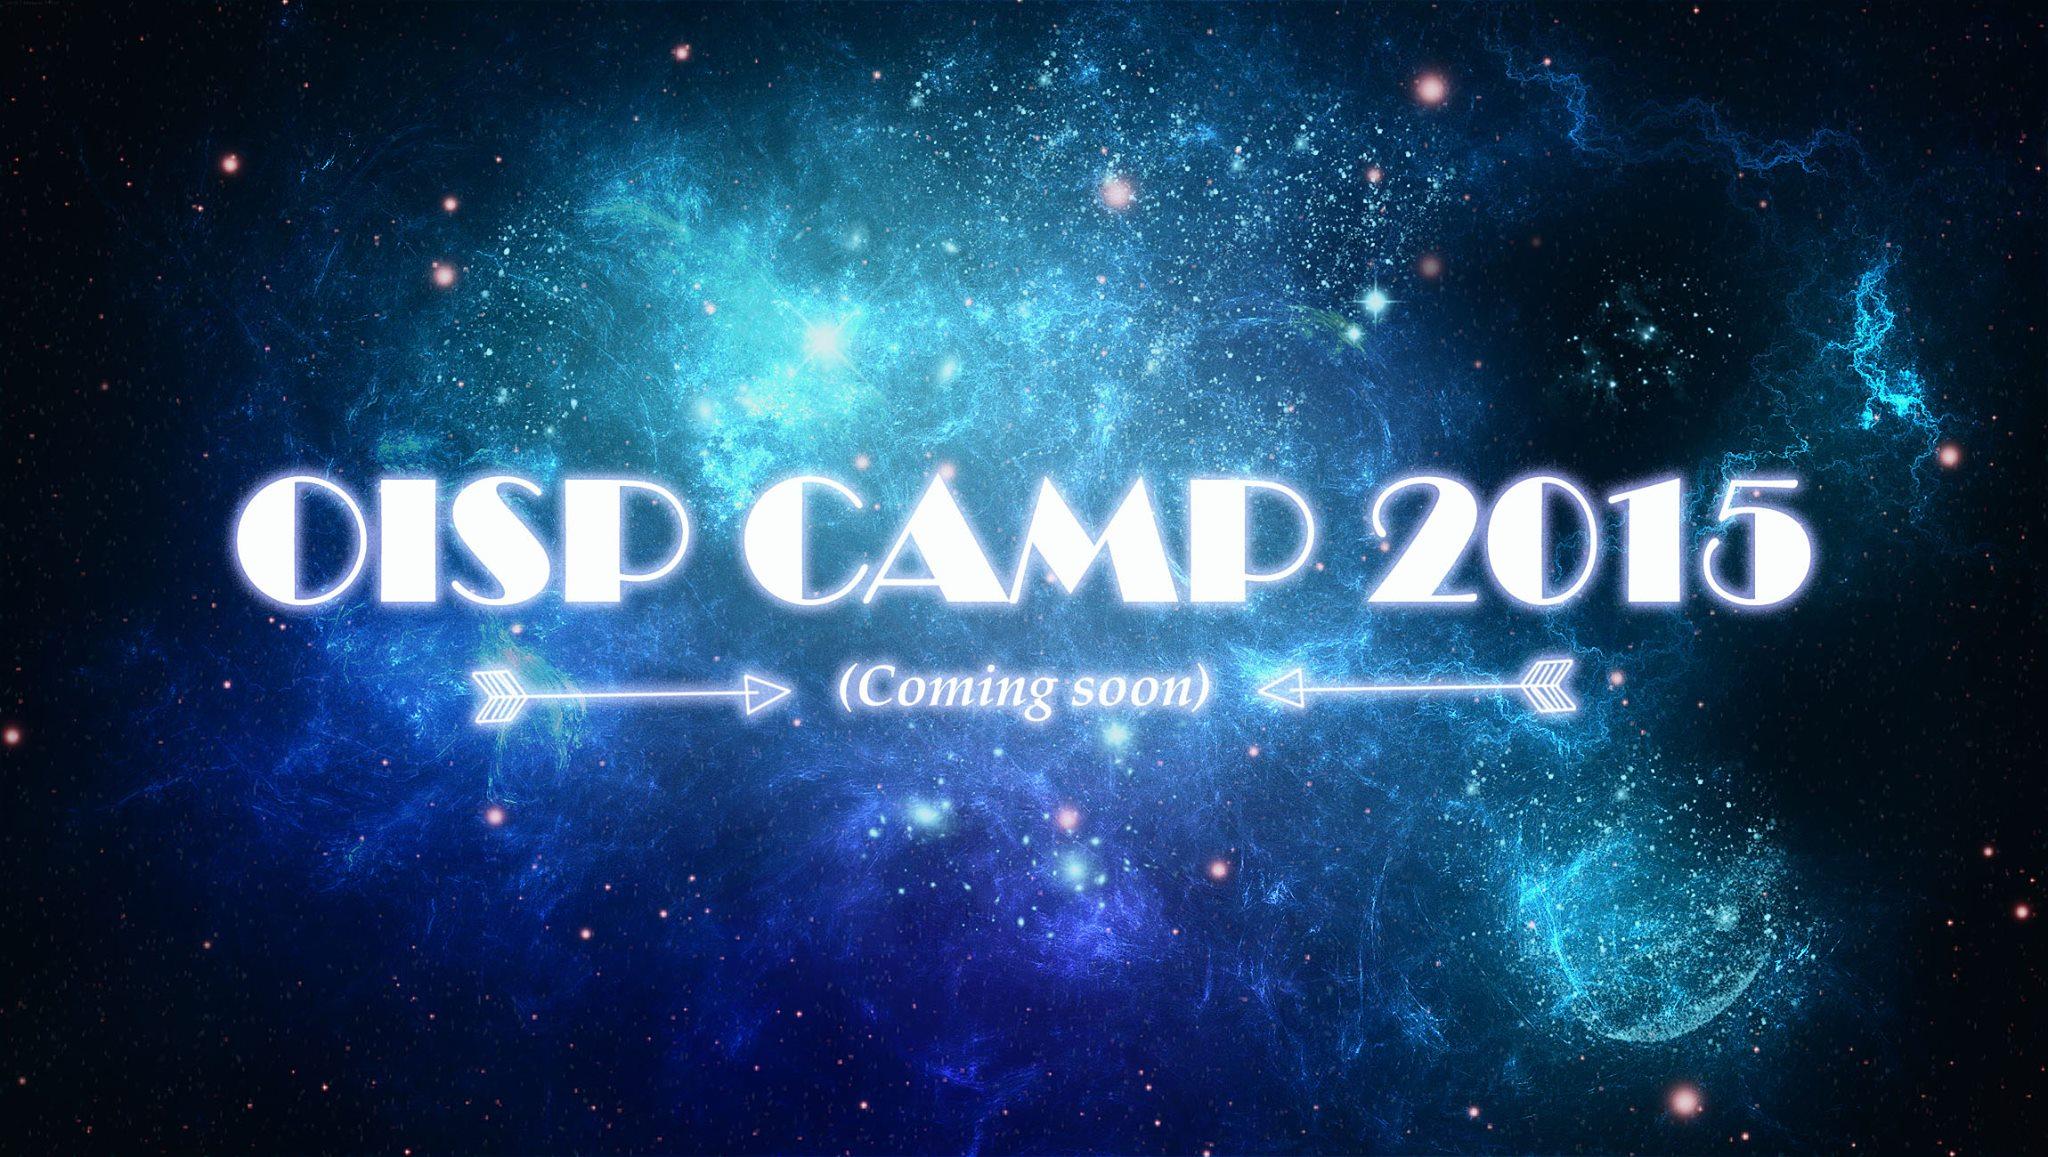 OISP CAMP 2015